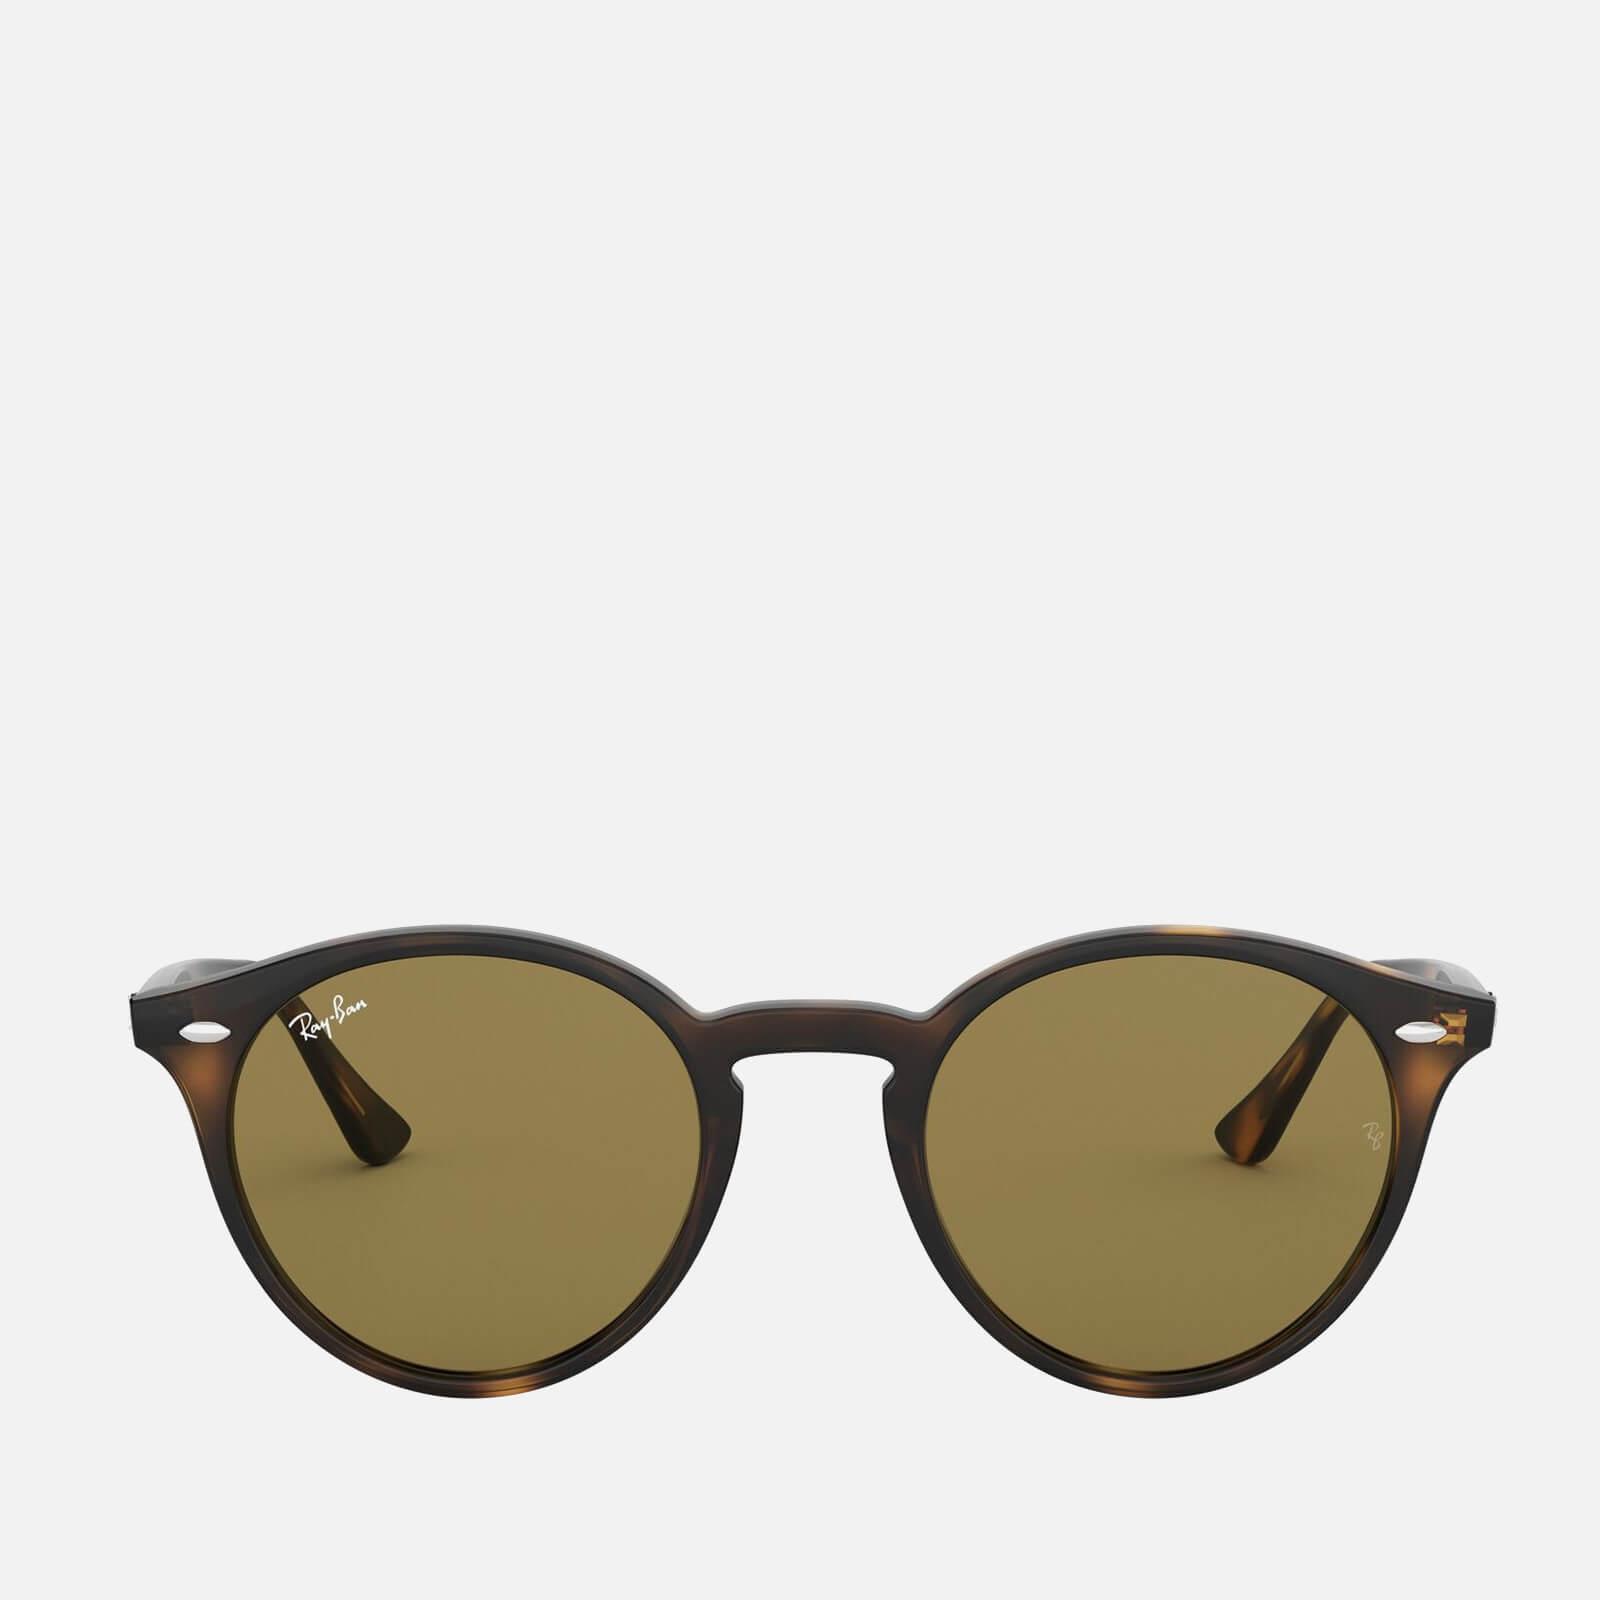 Ray-Ban Women's Round Acetate Tortoiseshell Sunglasses - Brown